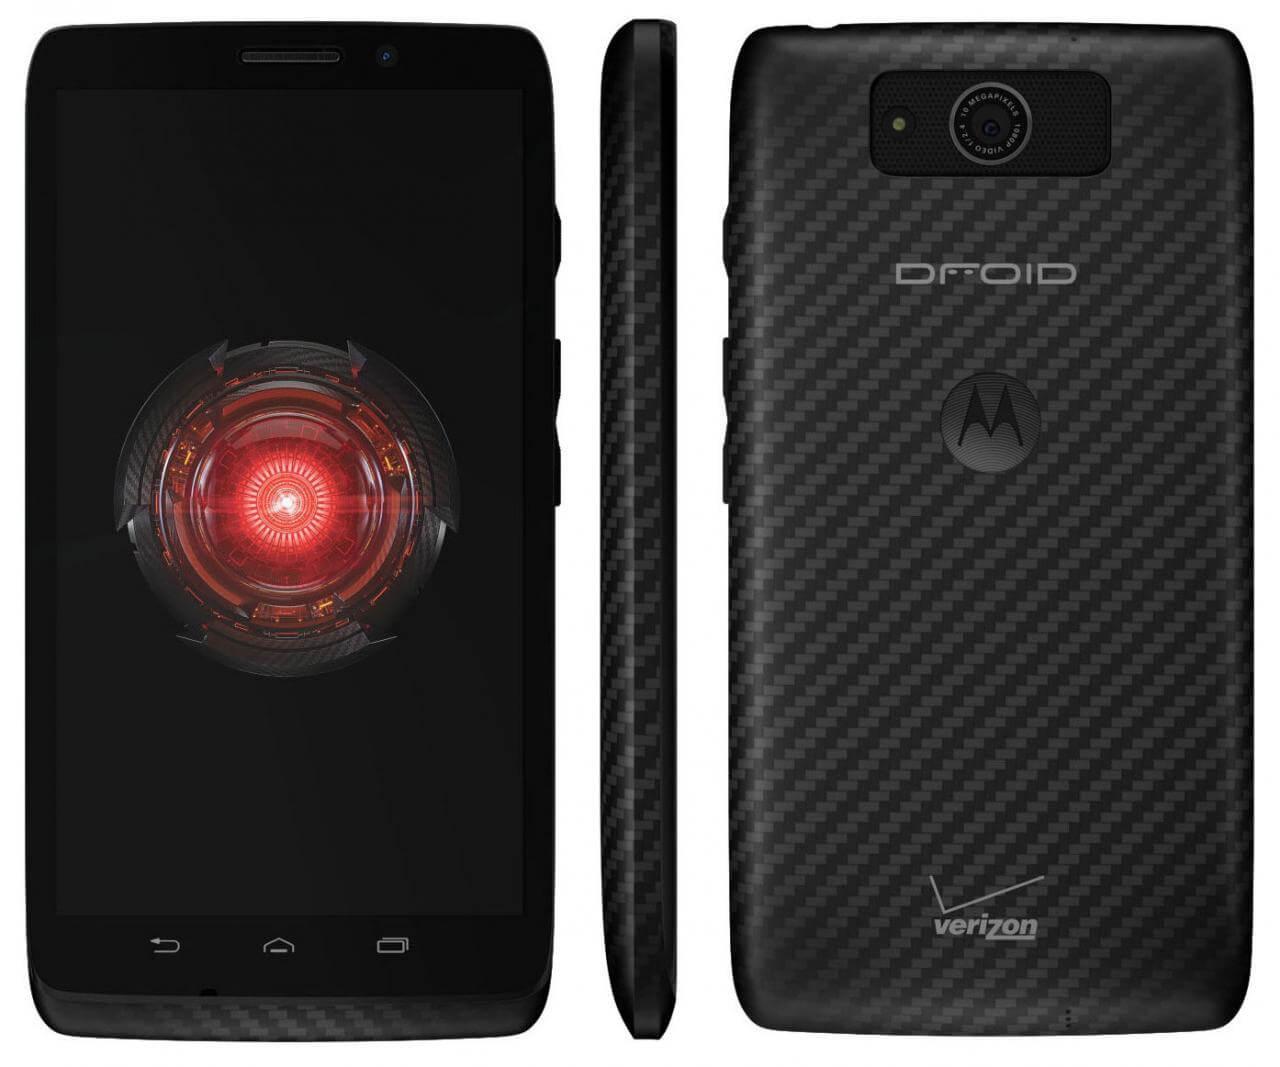 Motorola DROID Maxx mobile photo